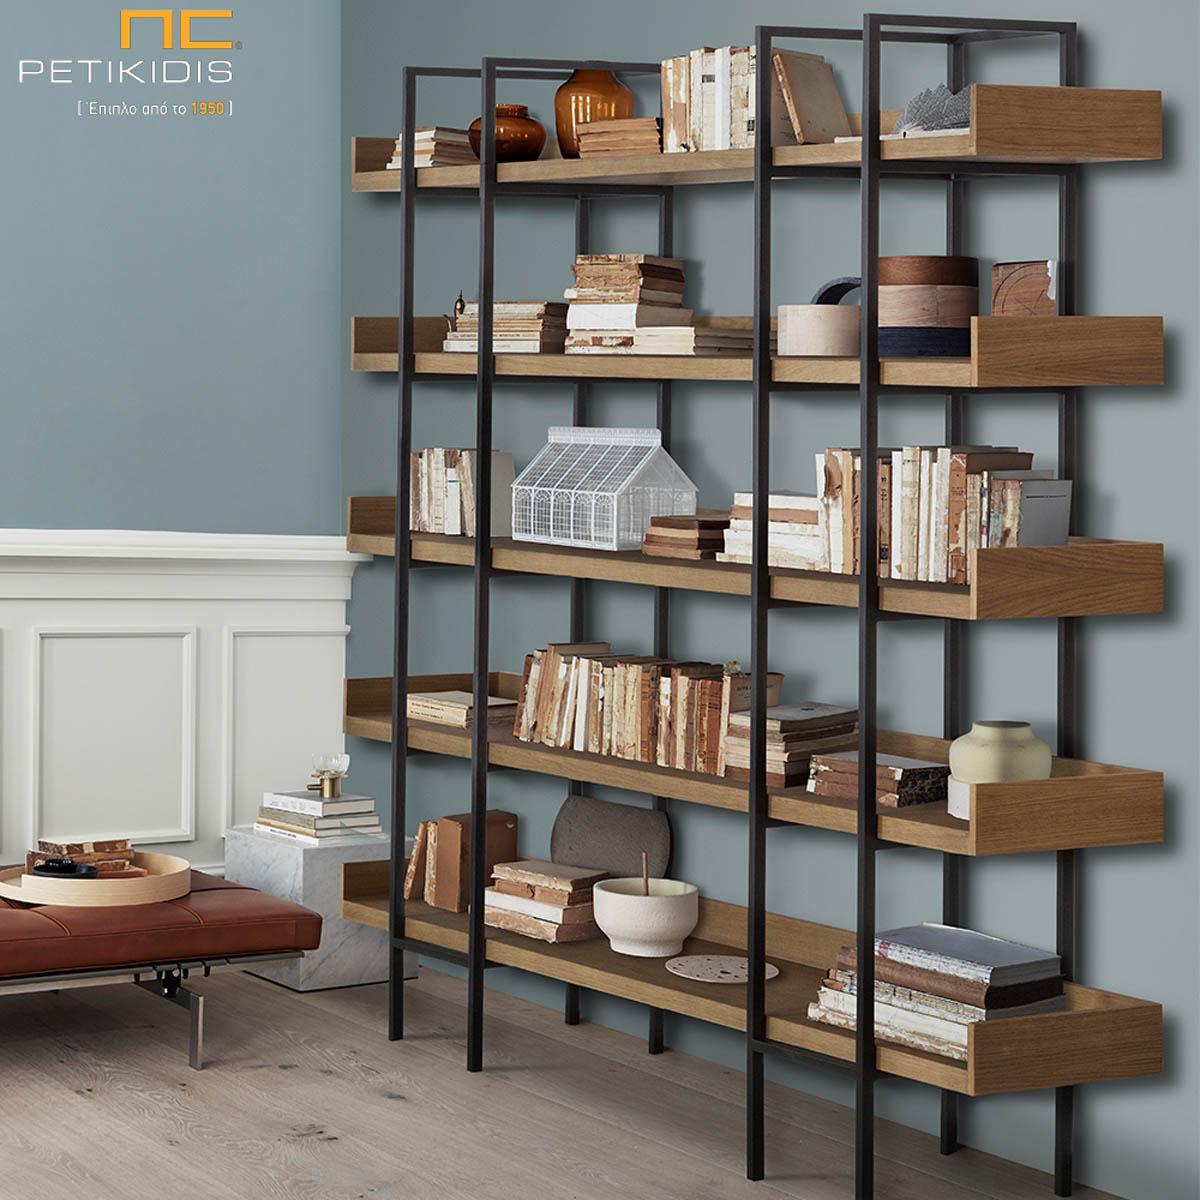 Βιβλιοθήκη και ραφιέρα Jimi από ξύλο δρυς και μεταλλικό σκελετό.Λειτουργεί όσα ραφιέρα διακοσμητική, ως βιβλιοθήκη αλλά και ως διαχωριστικό δύο ενιαίων χώρων.